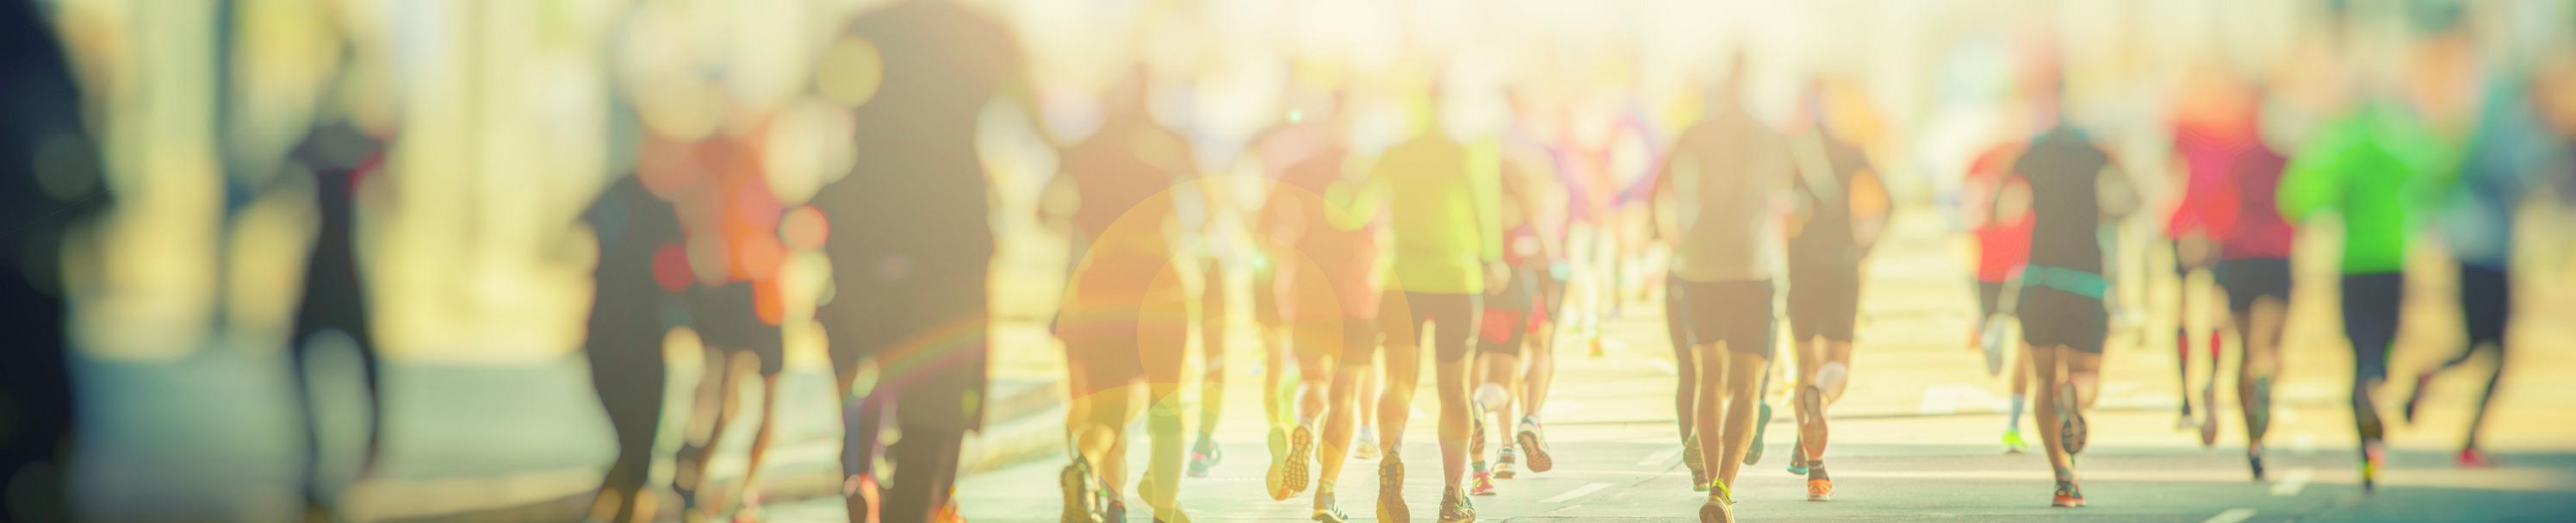 IT Sourcing: A Marathon Not A Sprint